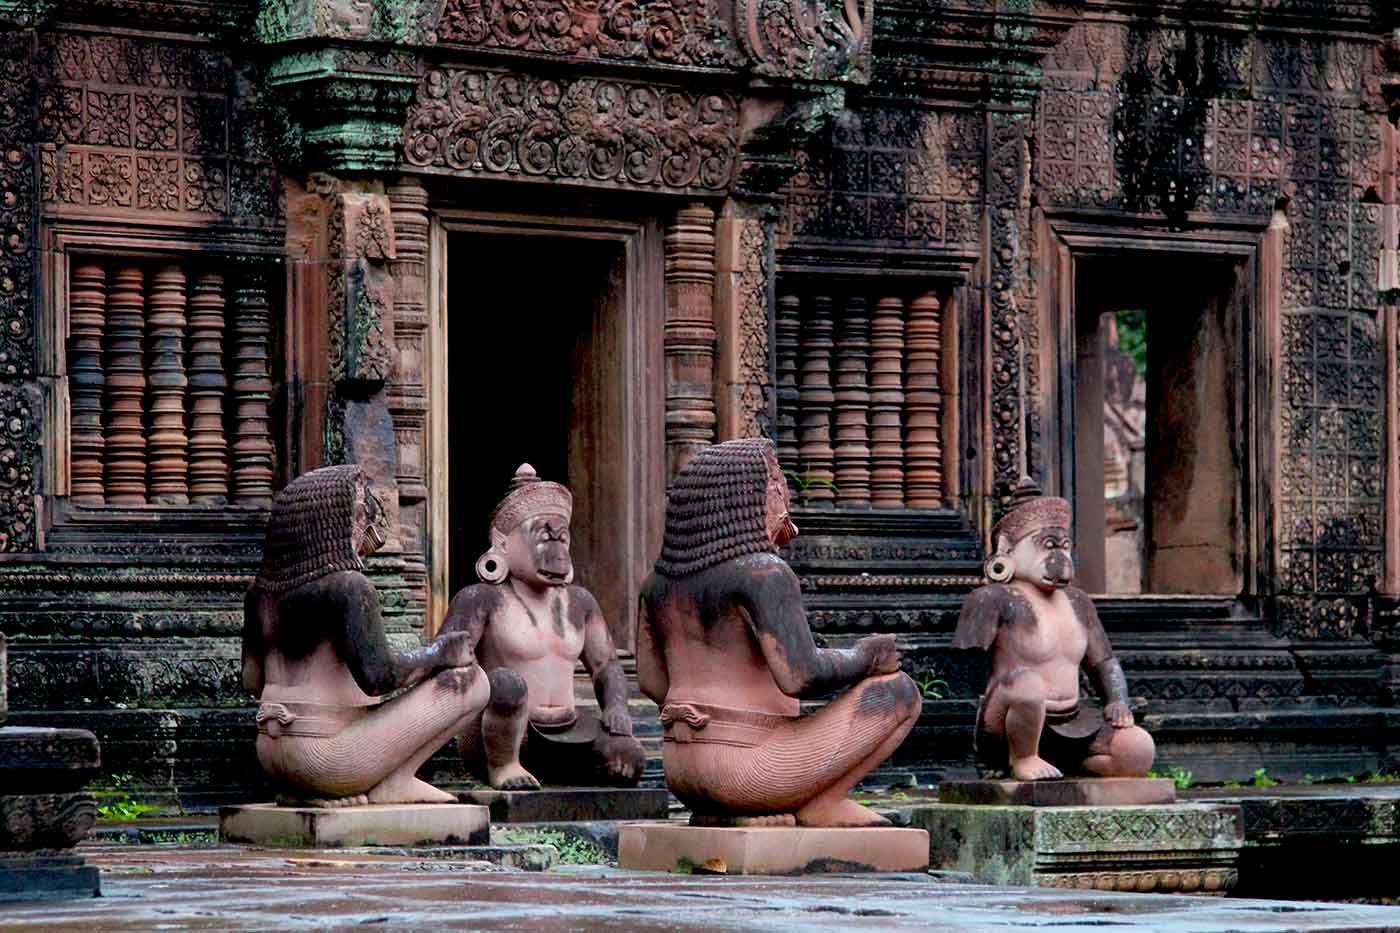 Banteay Srei - Angkor, Cambodia